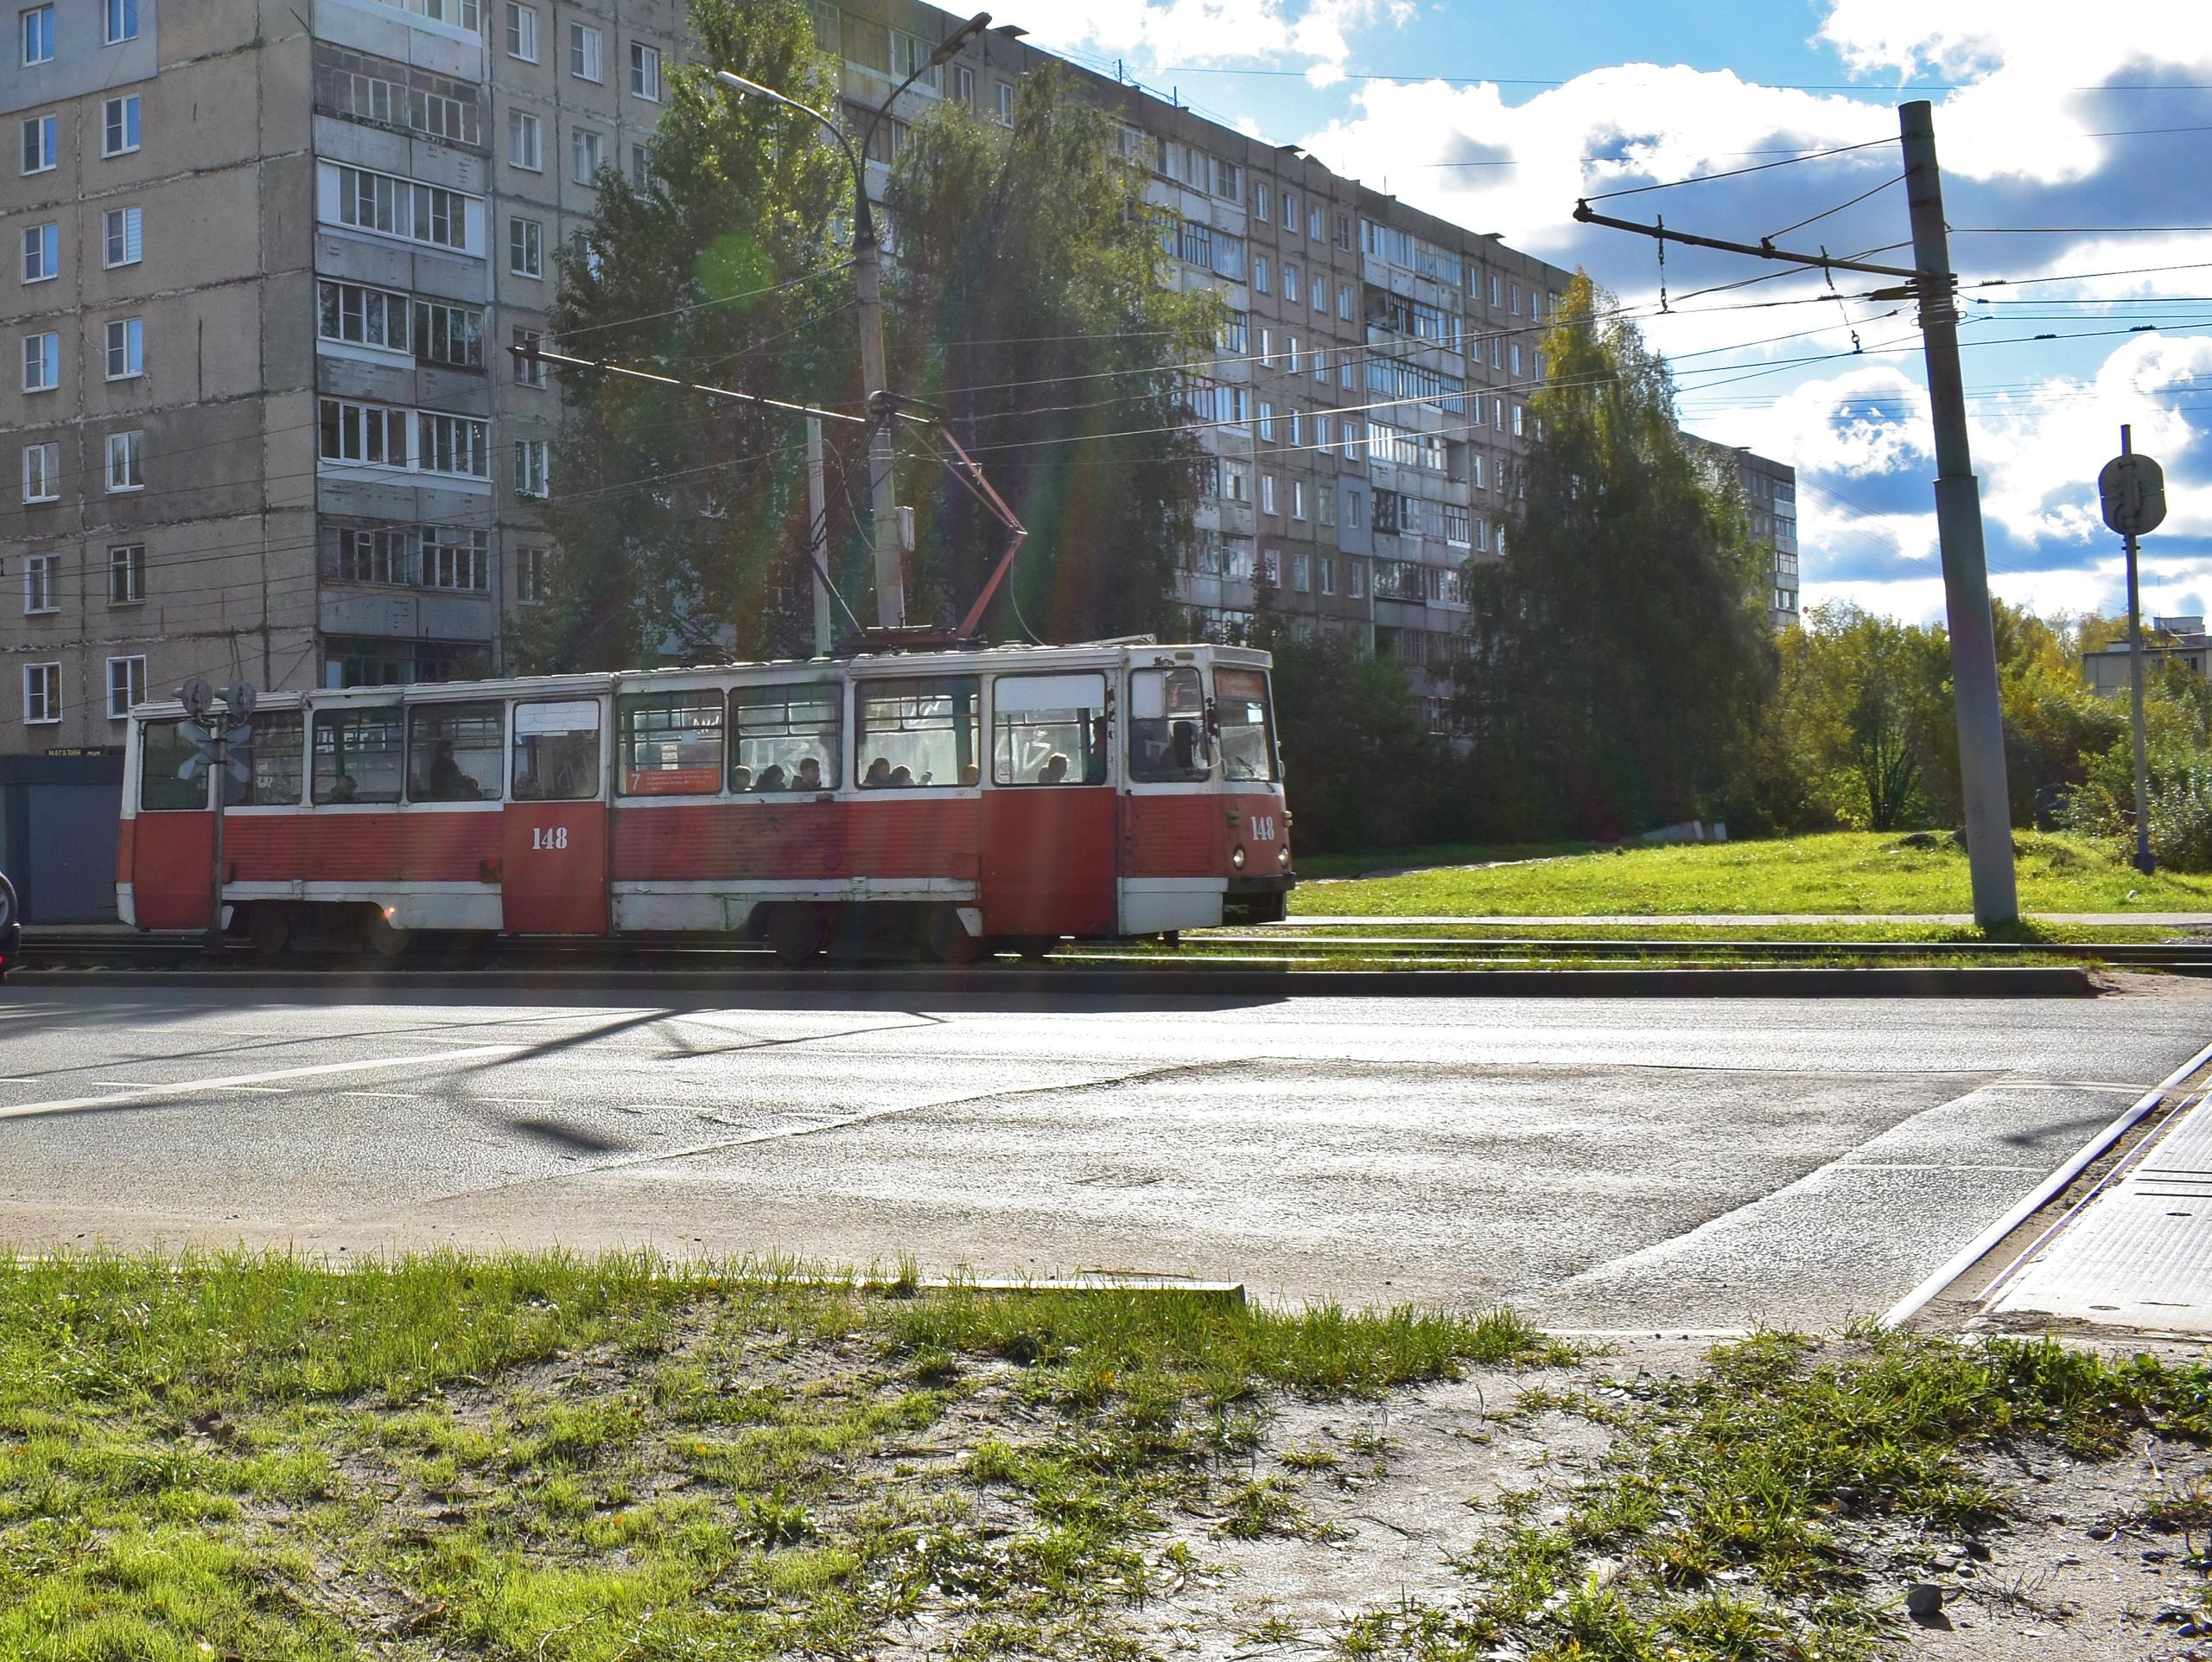 Трамвай. Ярославль